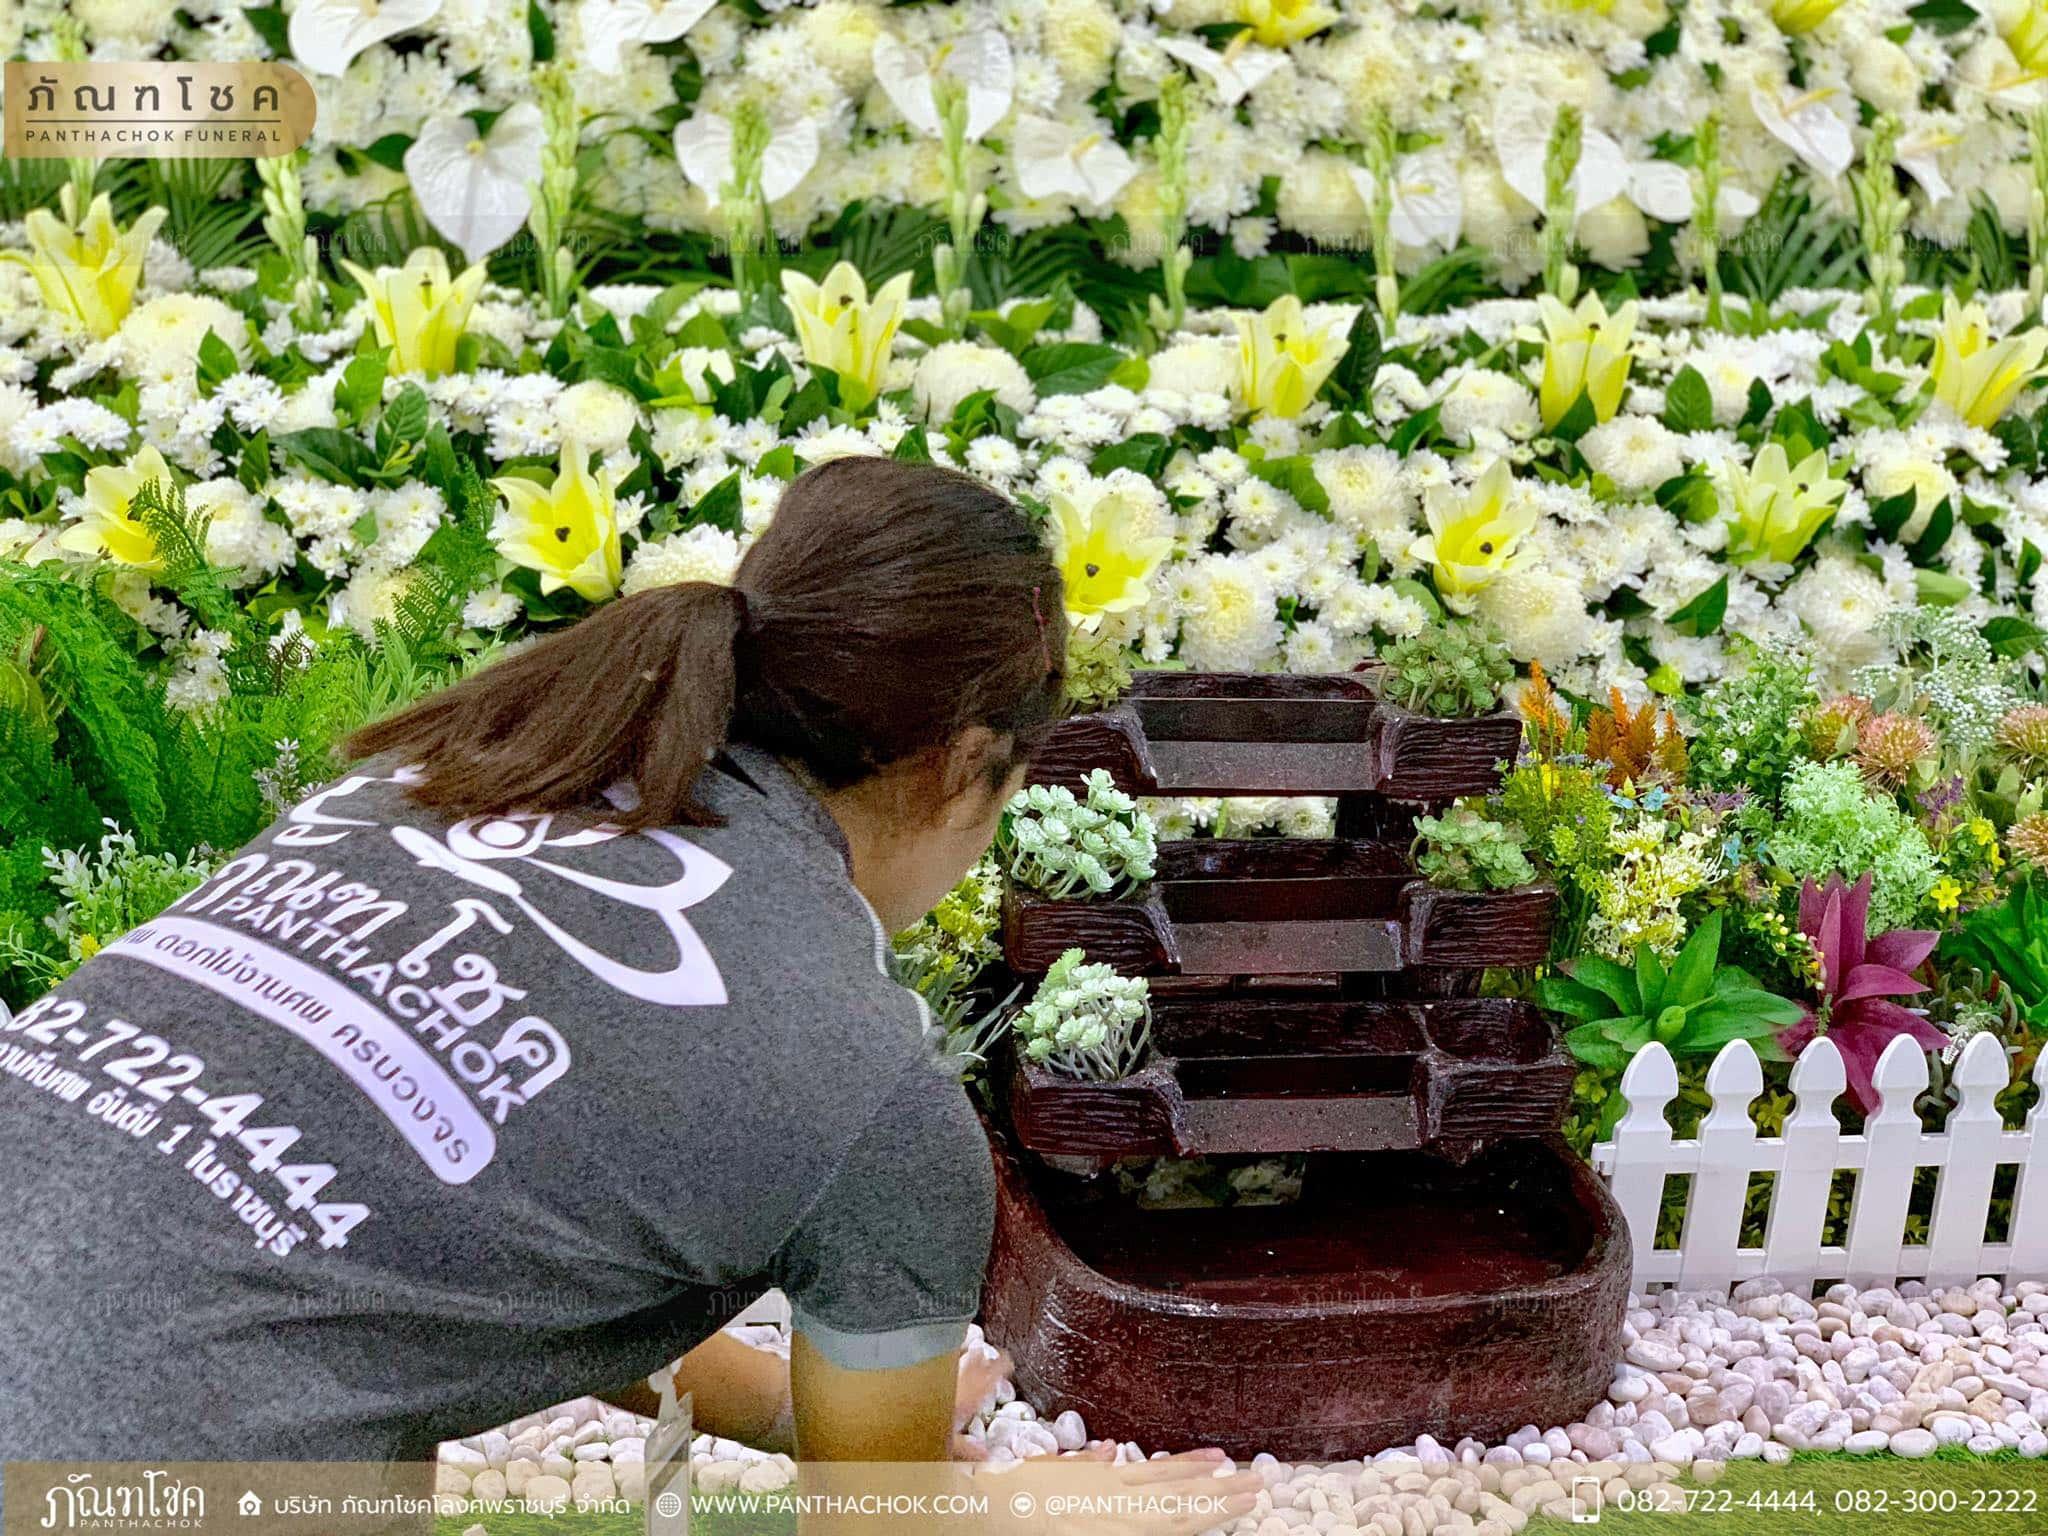 โลงไม้สักพร้อมดอกไม้สด ณ วัดหลักหกรัตนาราม 4